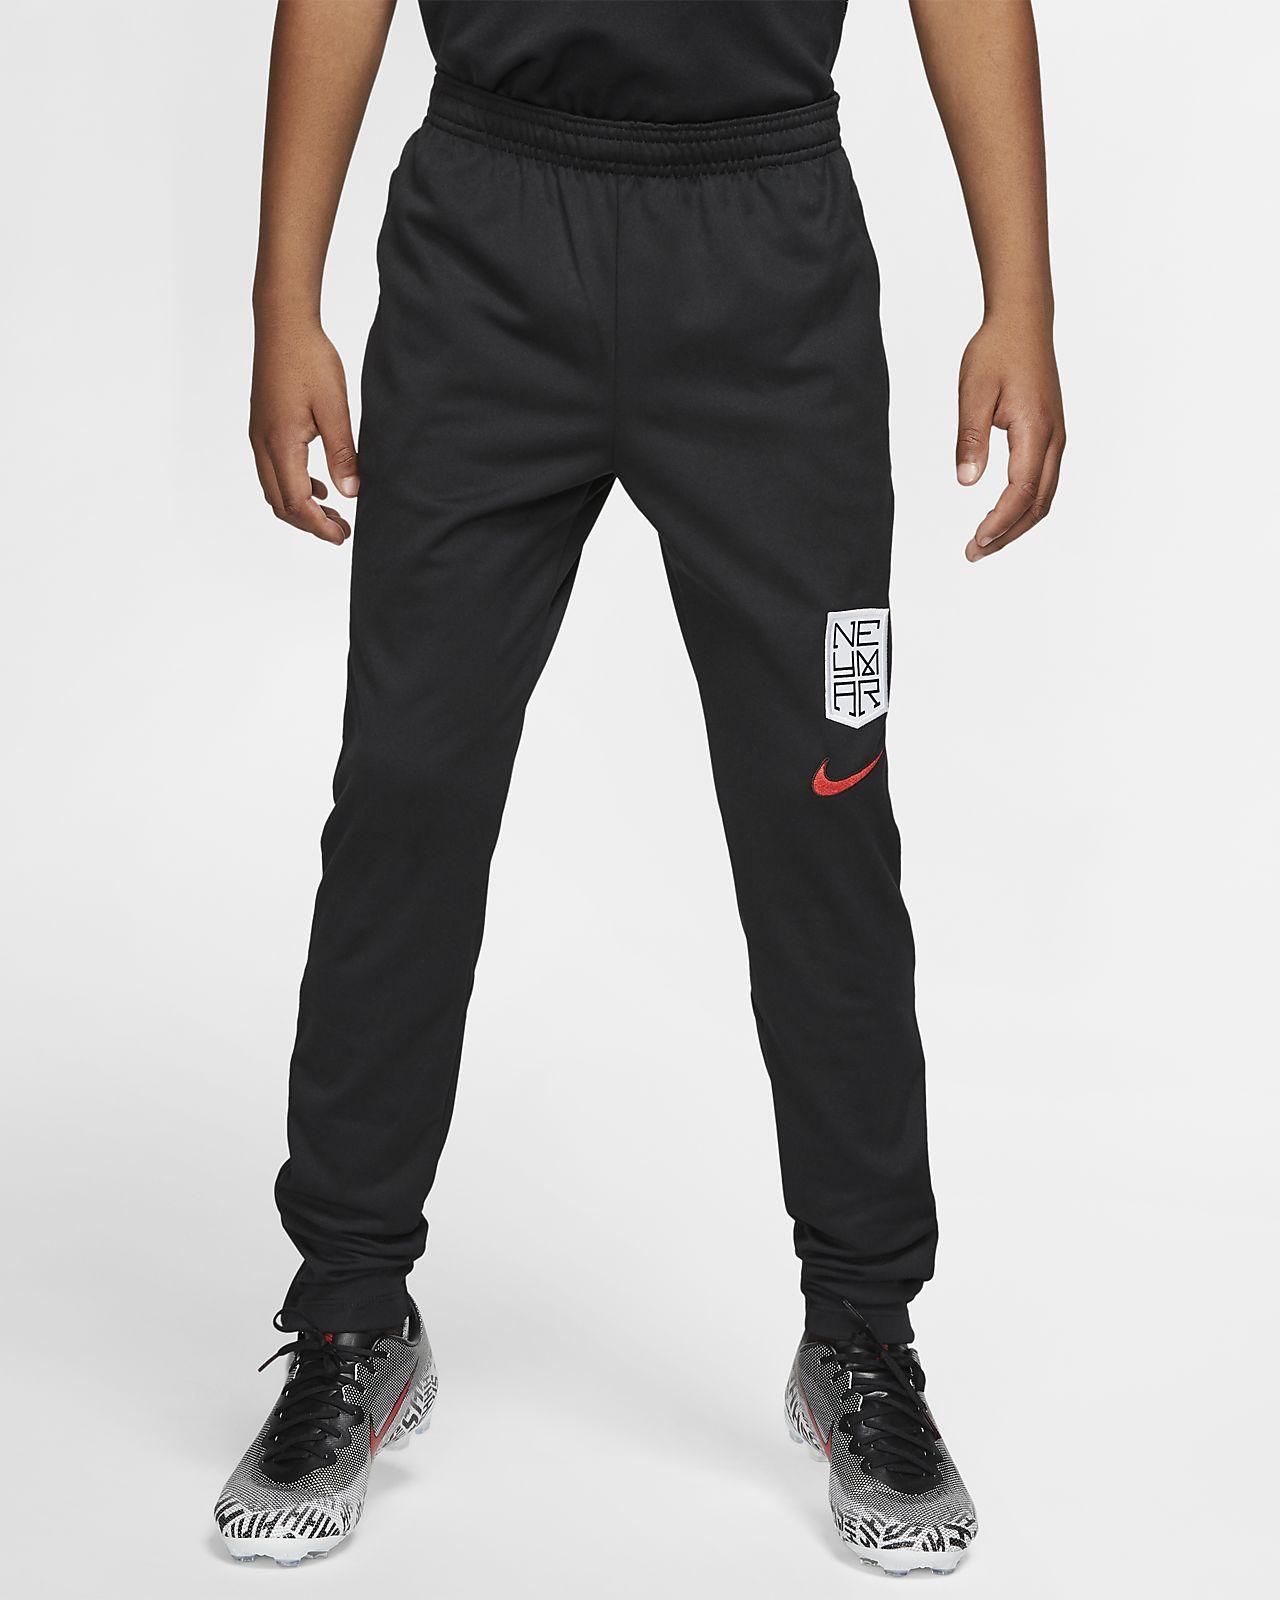 Nike Dri-FIT Neymar Jr.-fodboldbukser til store børn